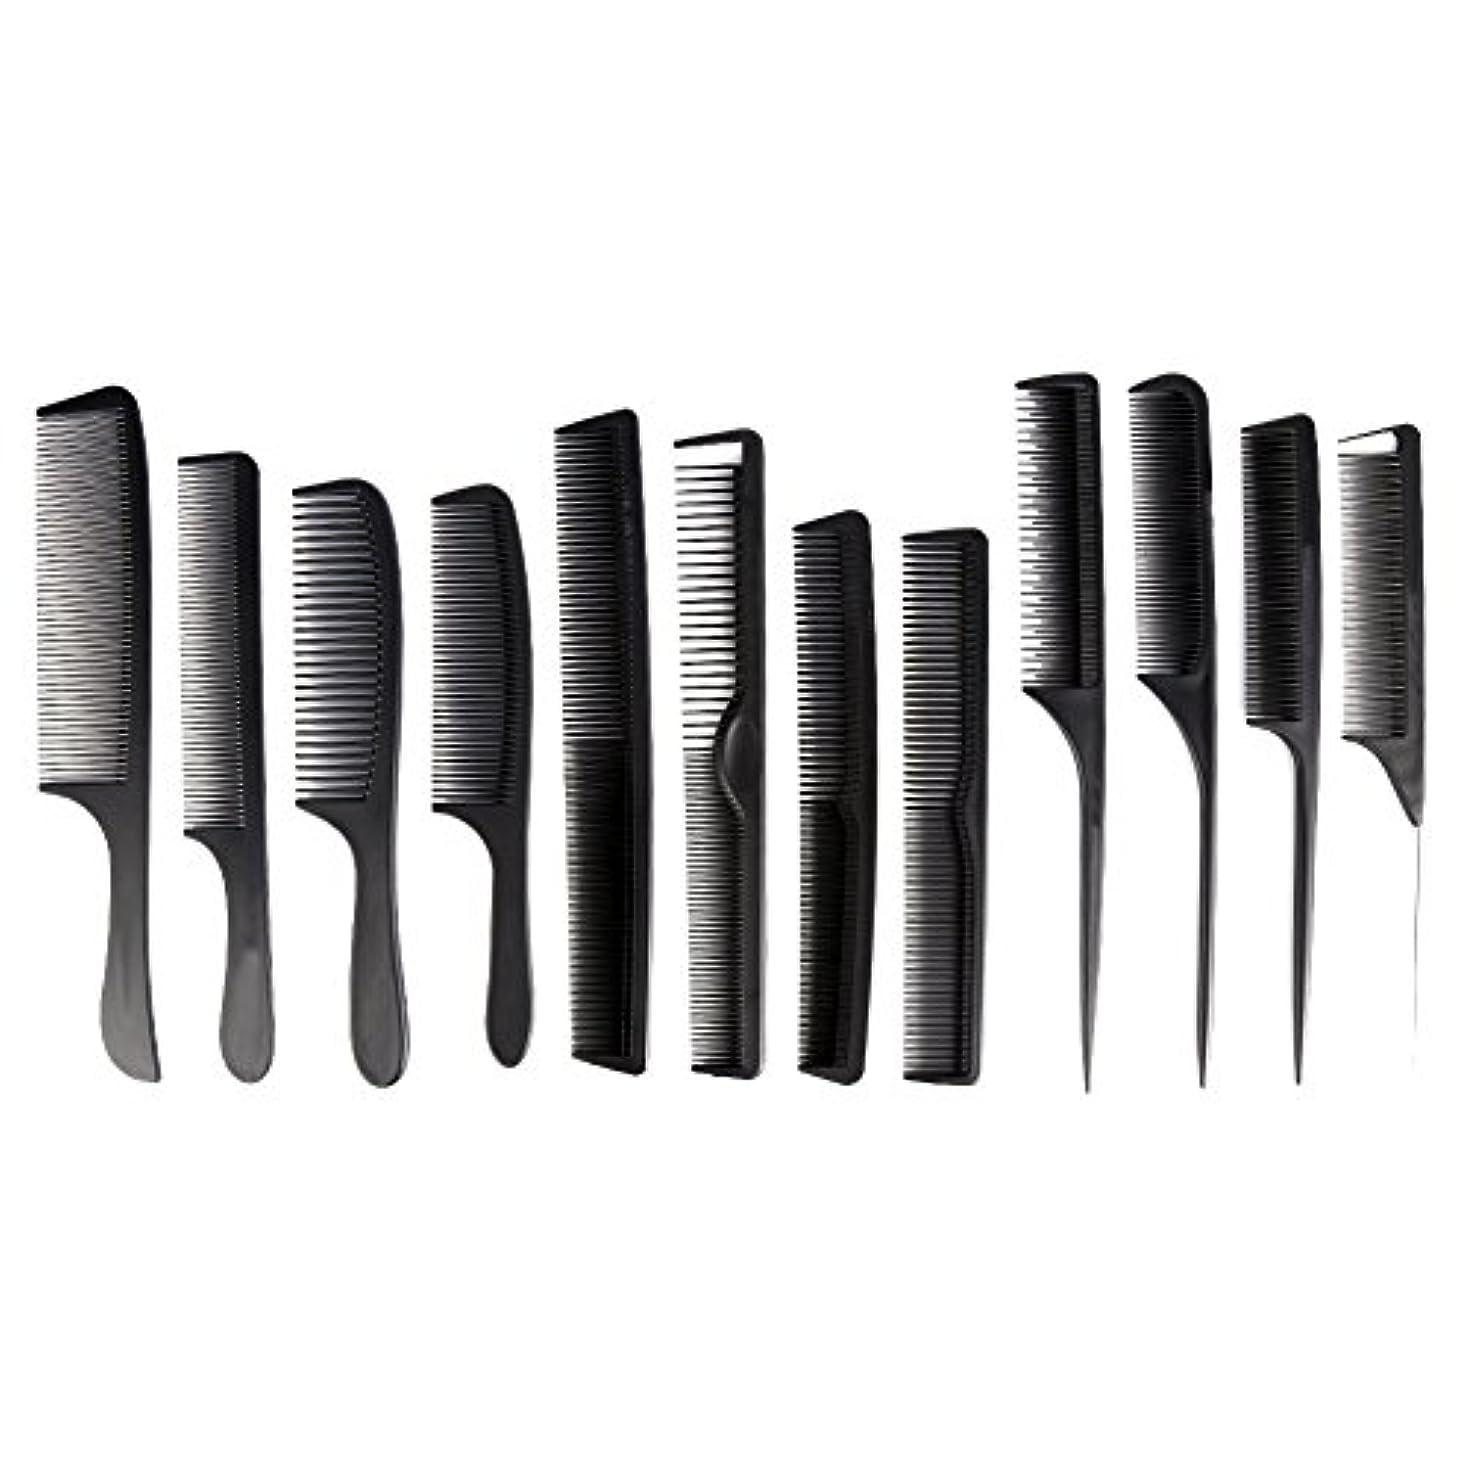 雨きらめく建設カットコーム 散髪用コーム コームセット12点セット プロ用ヘアコーム  静電気減少 軽量 サロン/美容室/床屋など適用